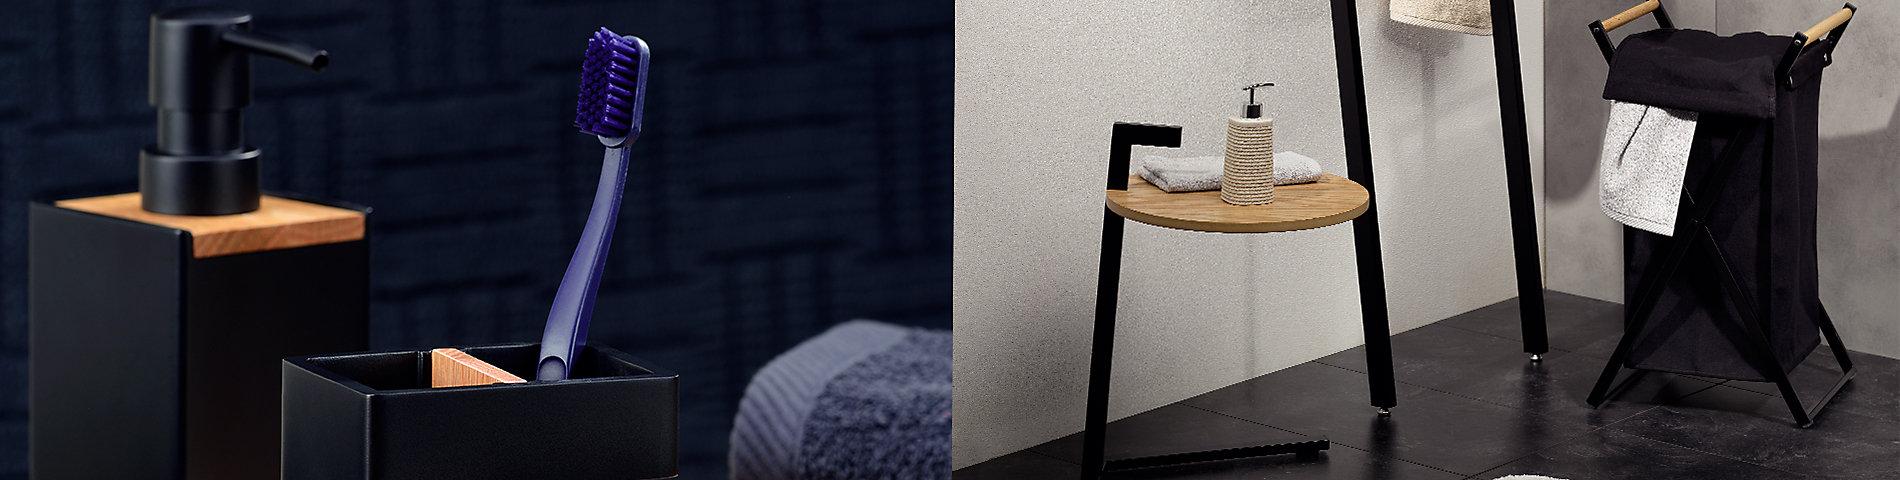 moderne Badeinrichtung in Schwarz-/Holzoptik mit den kela Serien Oak und Cube